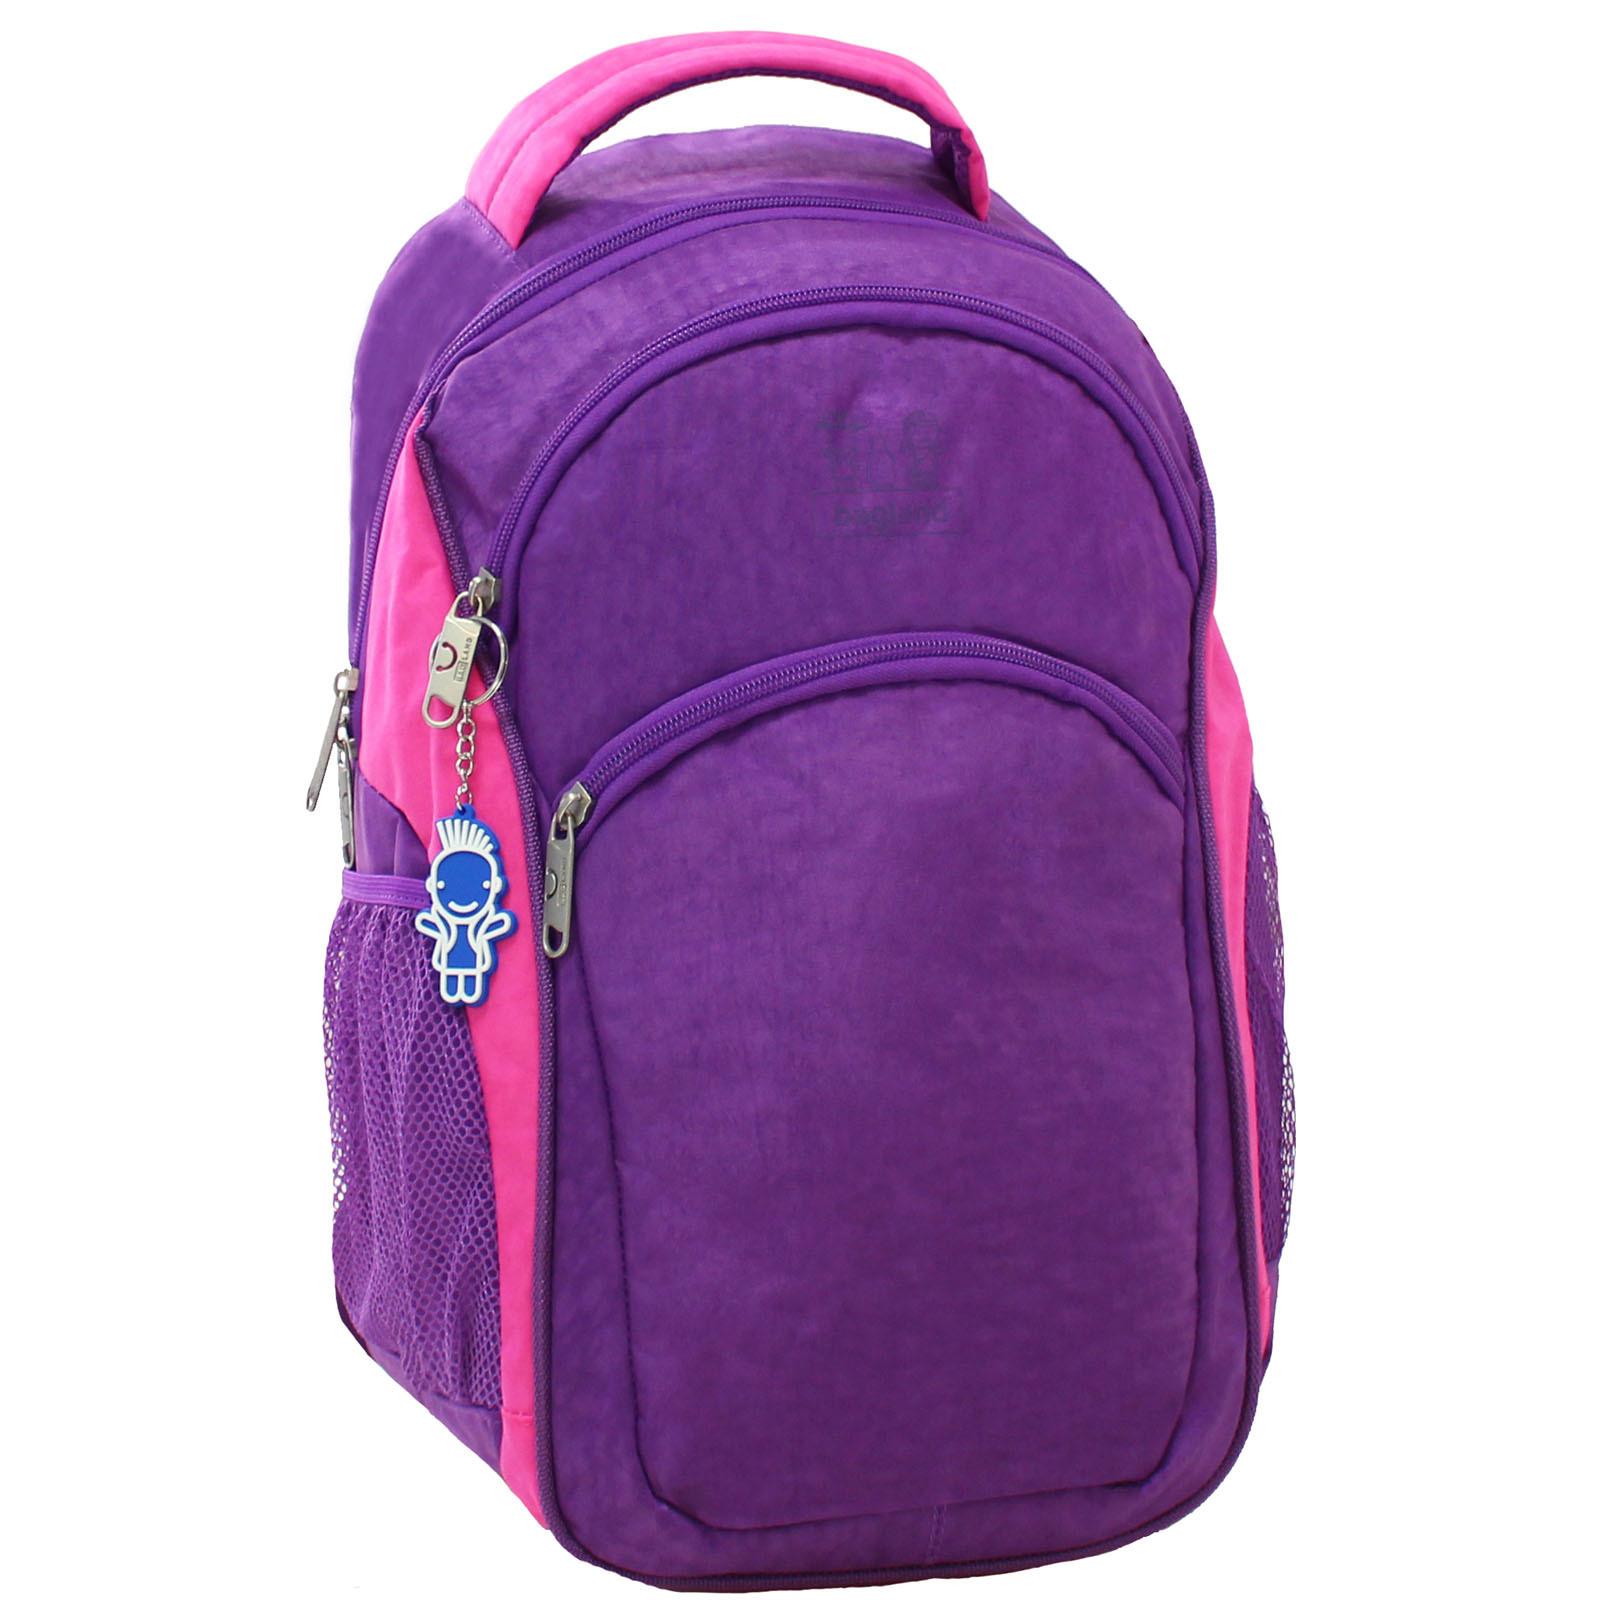 Городские рюкзаки Рюкзак Bagland Лик 21 л. Фиолетовый/розовый (0055770) IMG_6503.JPG